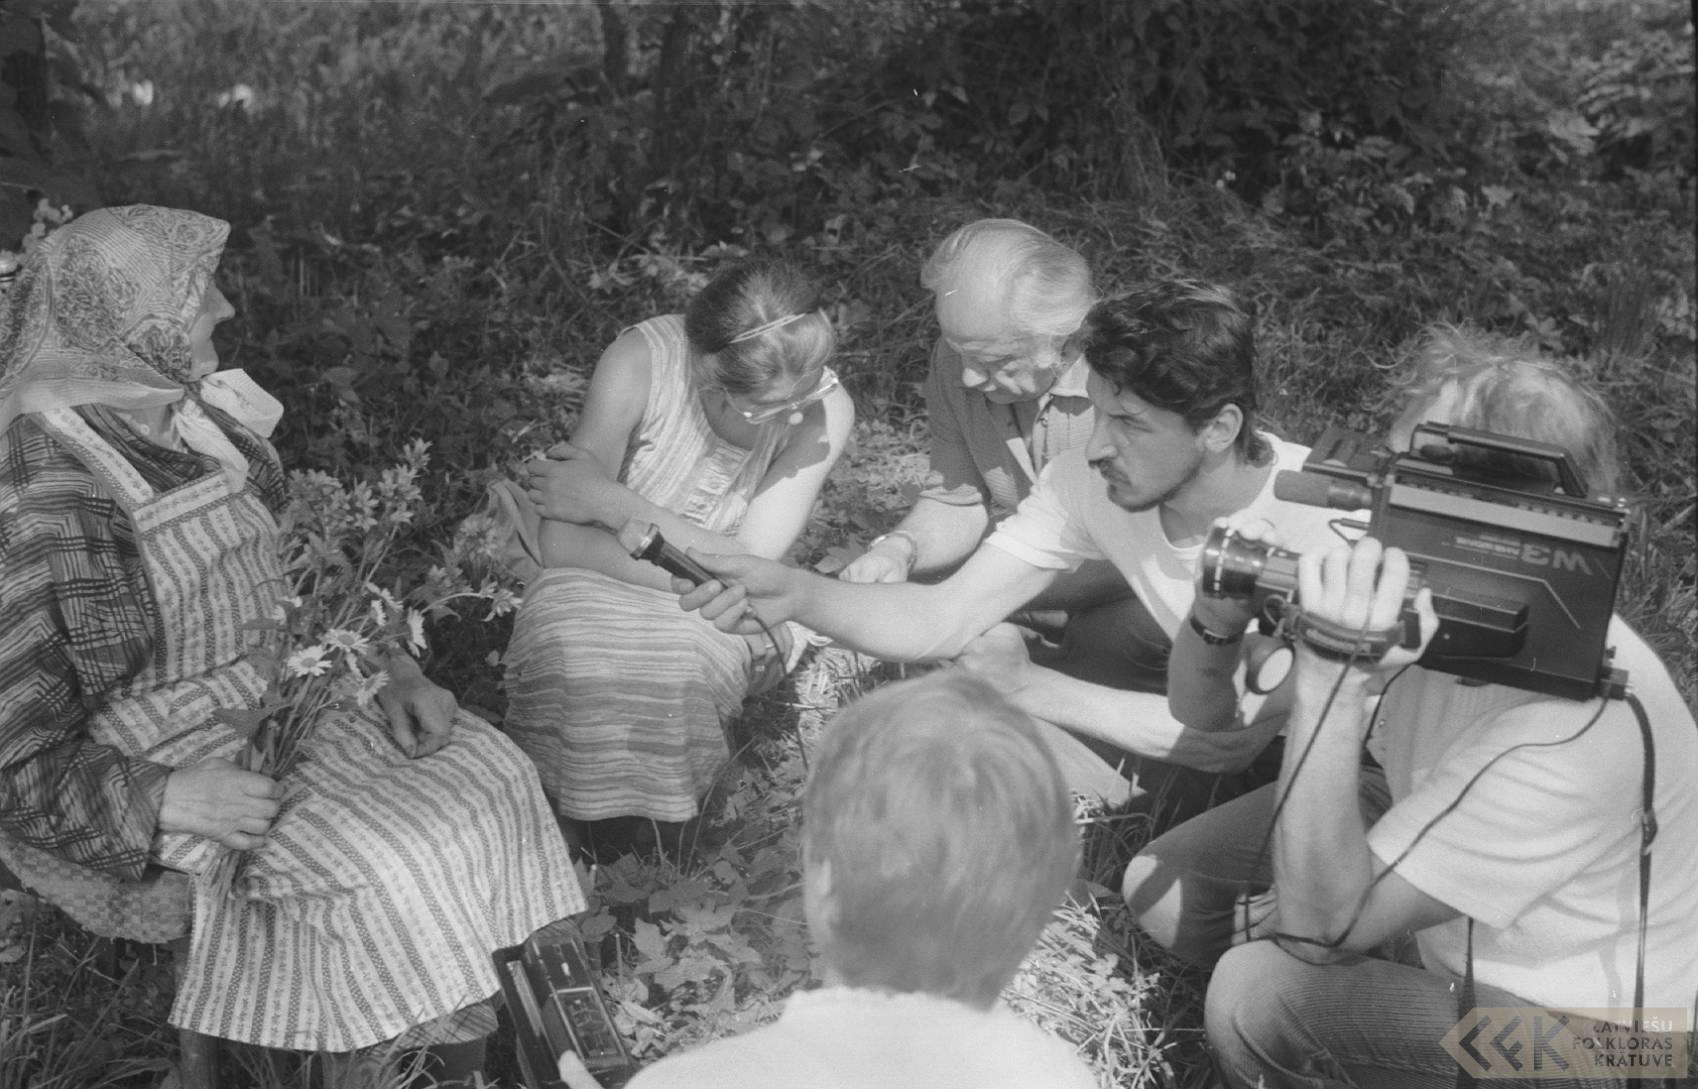 Marija Bērtule, Iveta Politere, Dainis Kļava, Zigurds Vidiņš, Baiba Putniņa